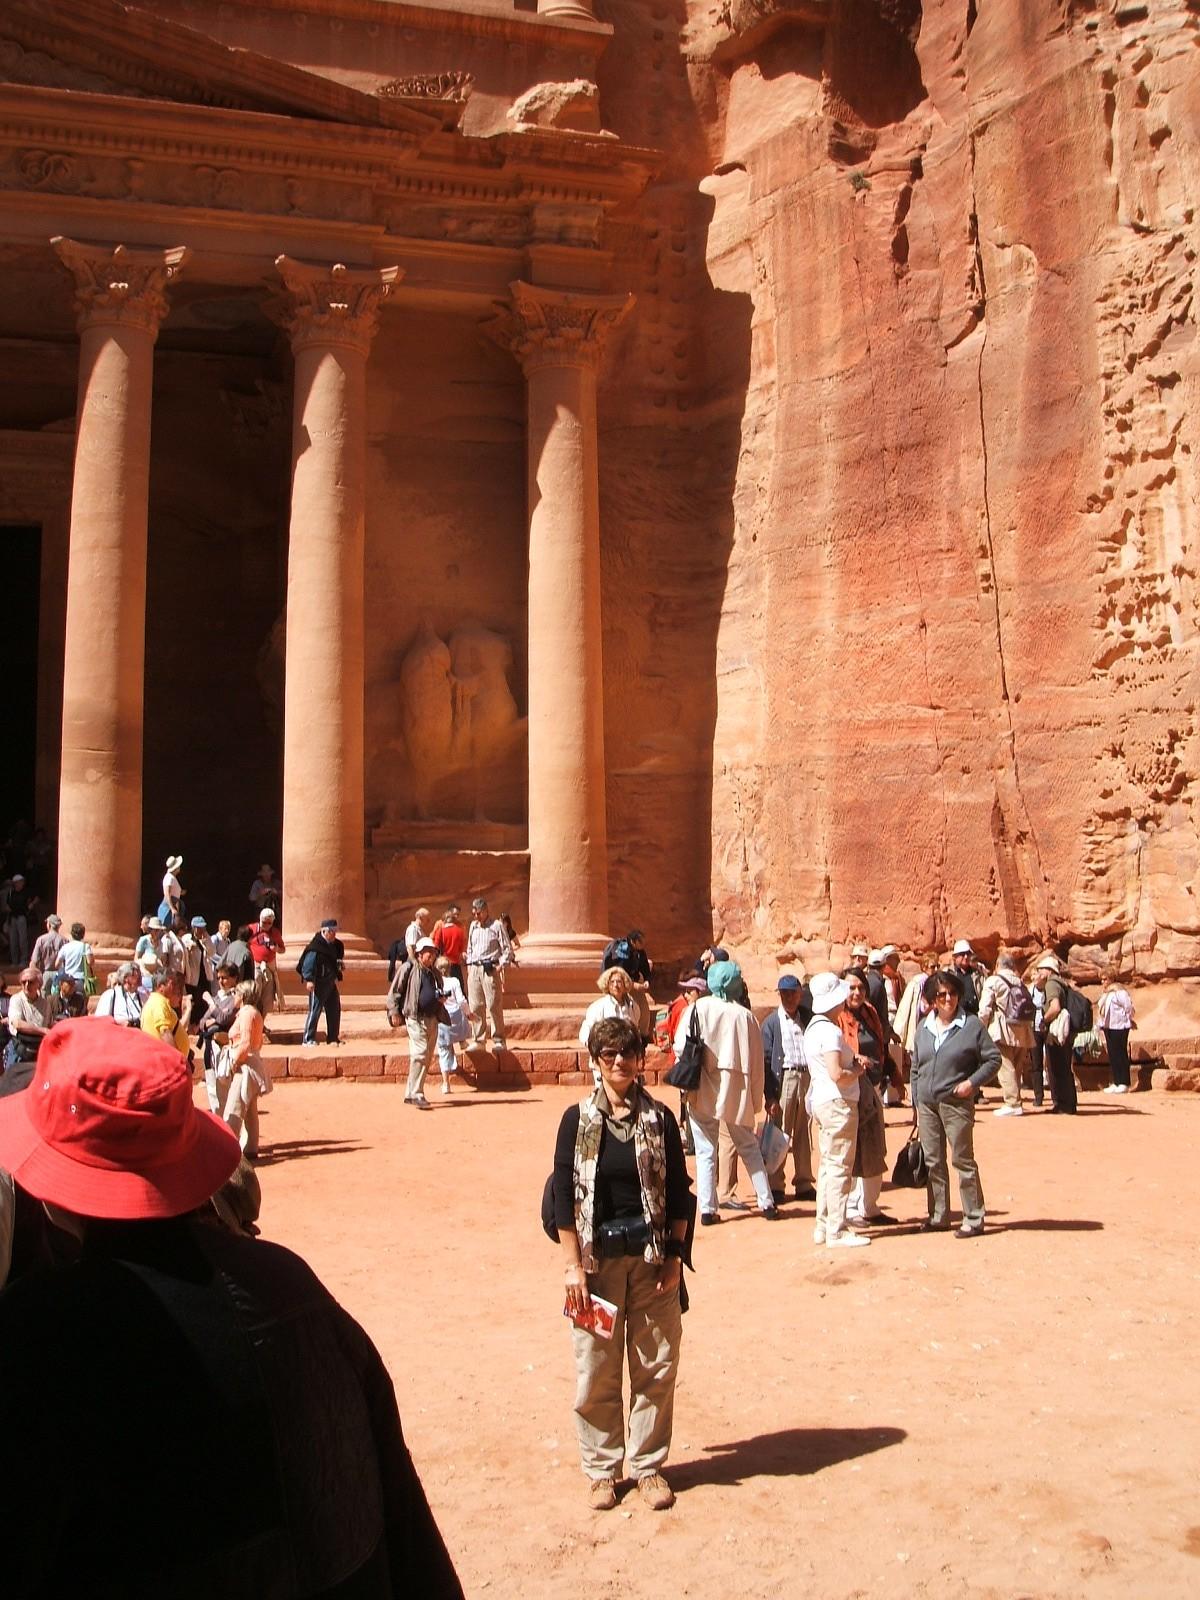 Petra a Treasury